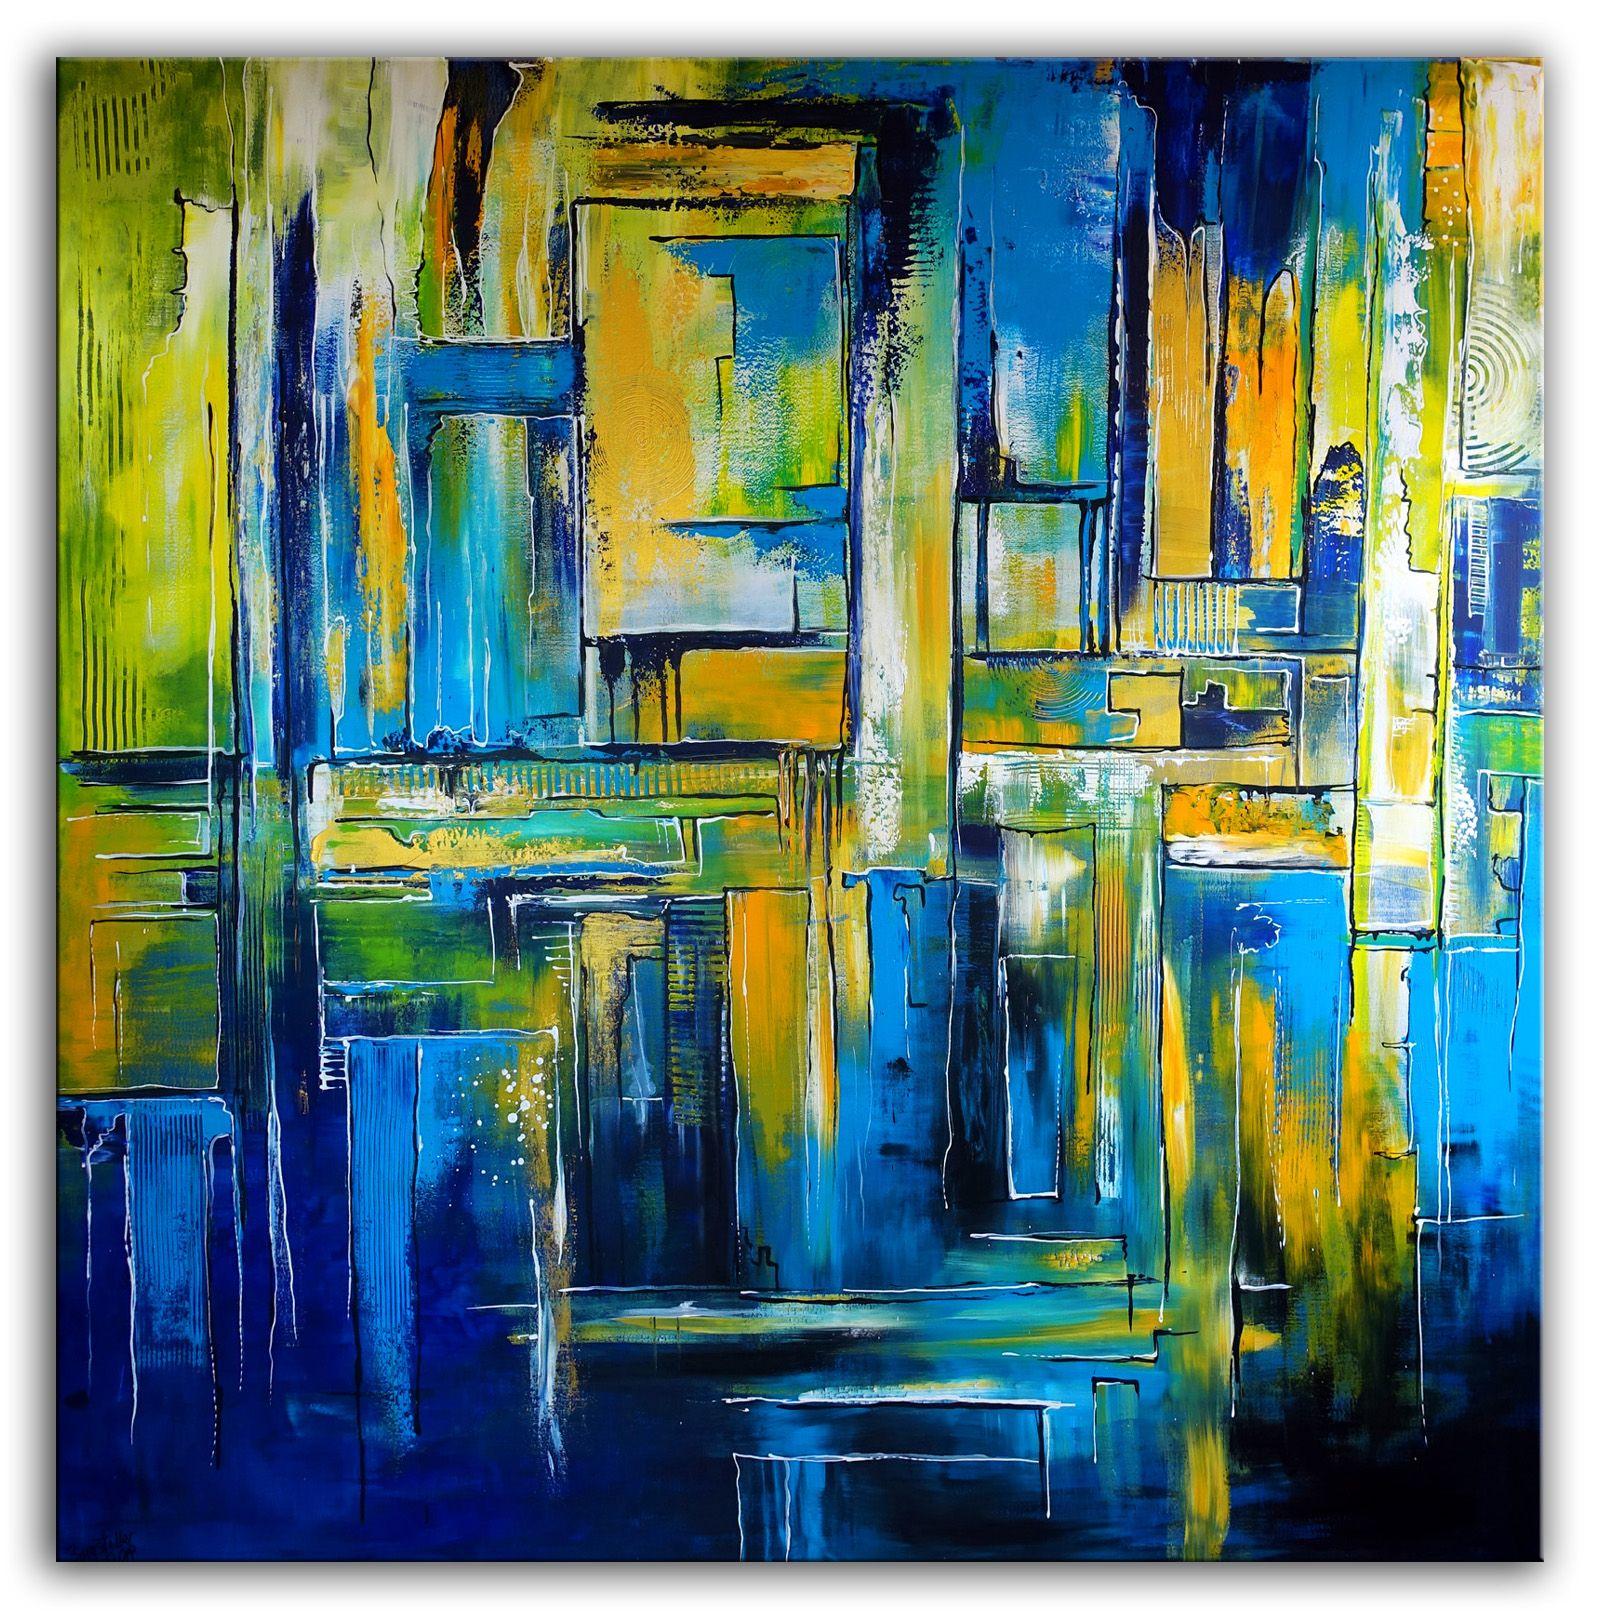 abstraktes wandbild xxl abstrakte malerei blau abstract painting art kunst skulpturen bilder